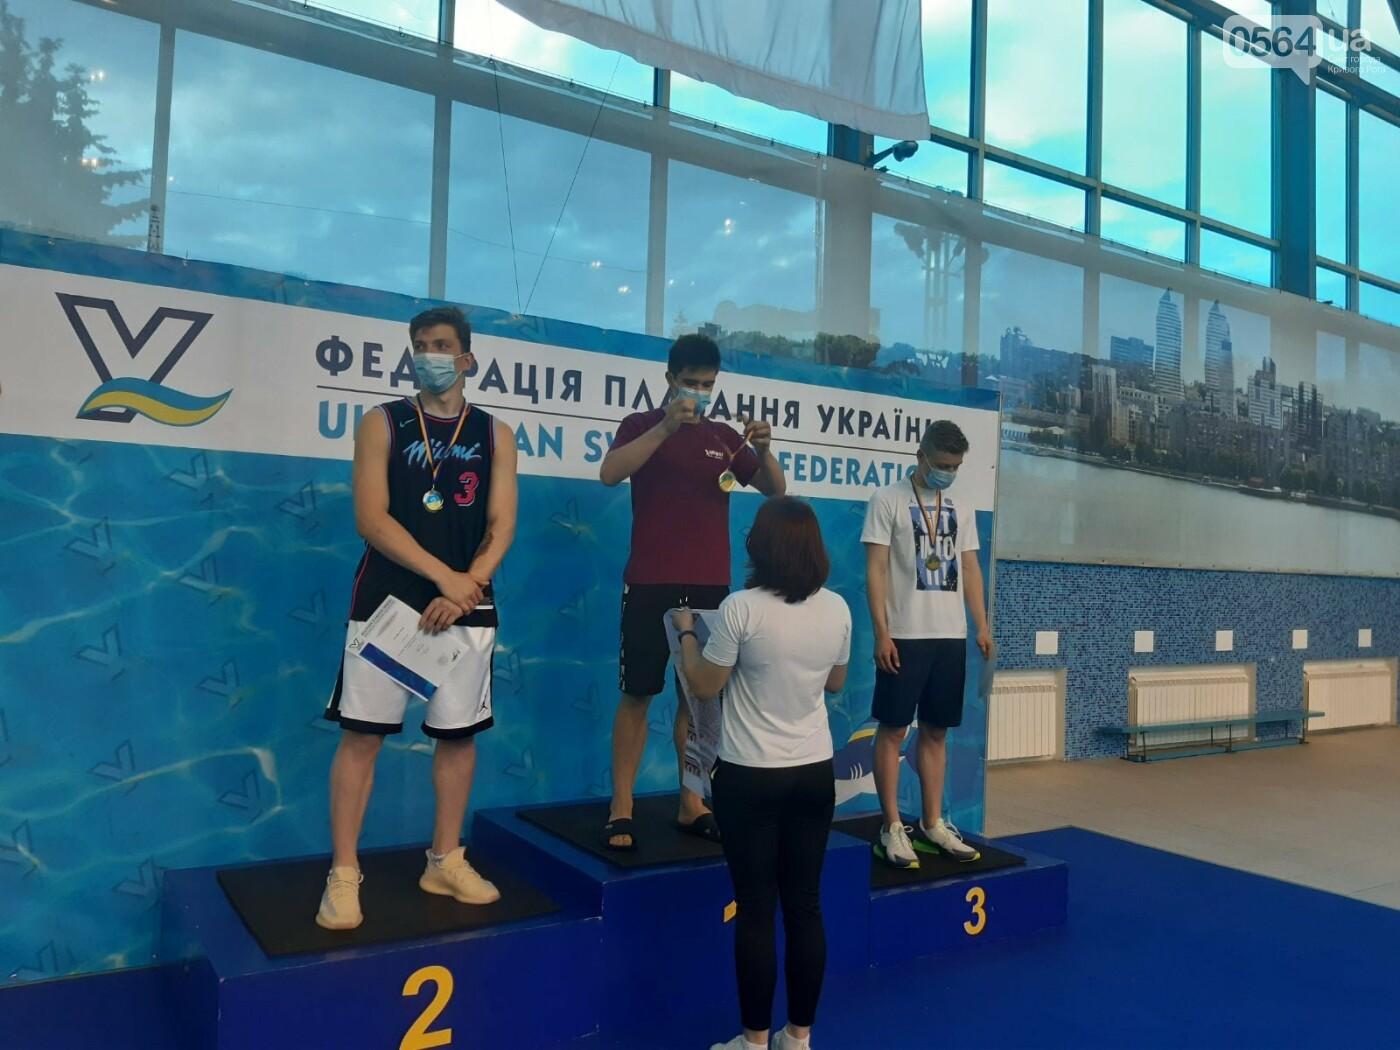 Криворожские пловцы завоевали медали на чемпионате Украины по плаванию, - ФОТО, фото-2